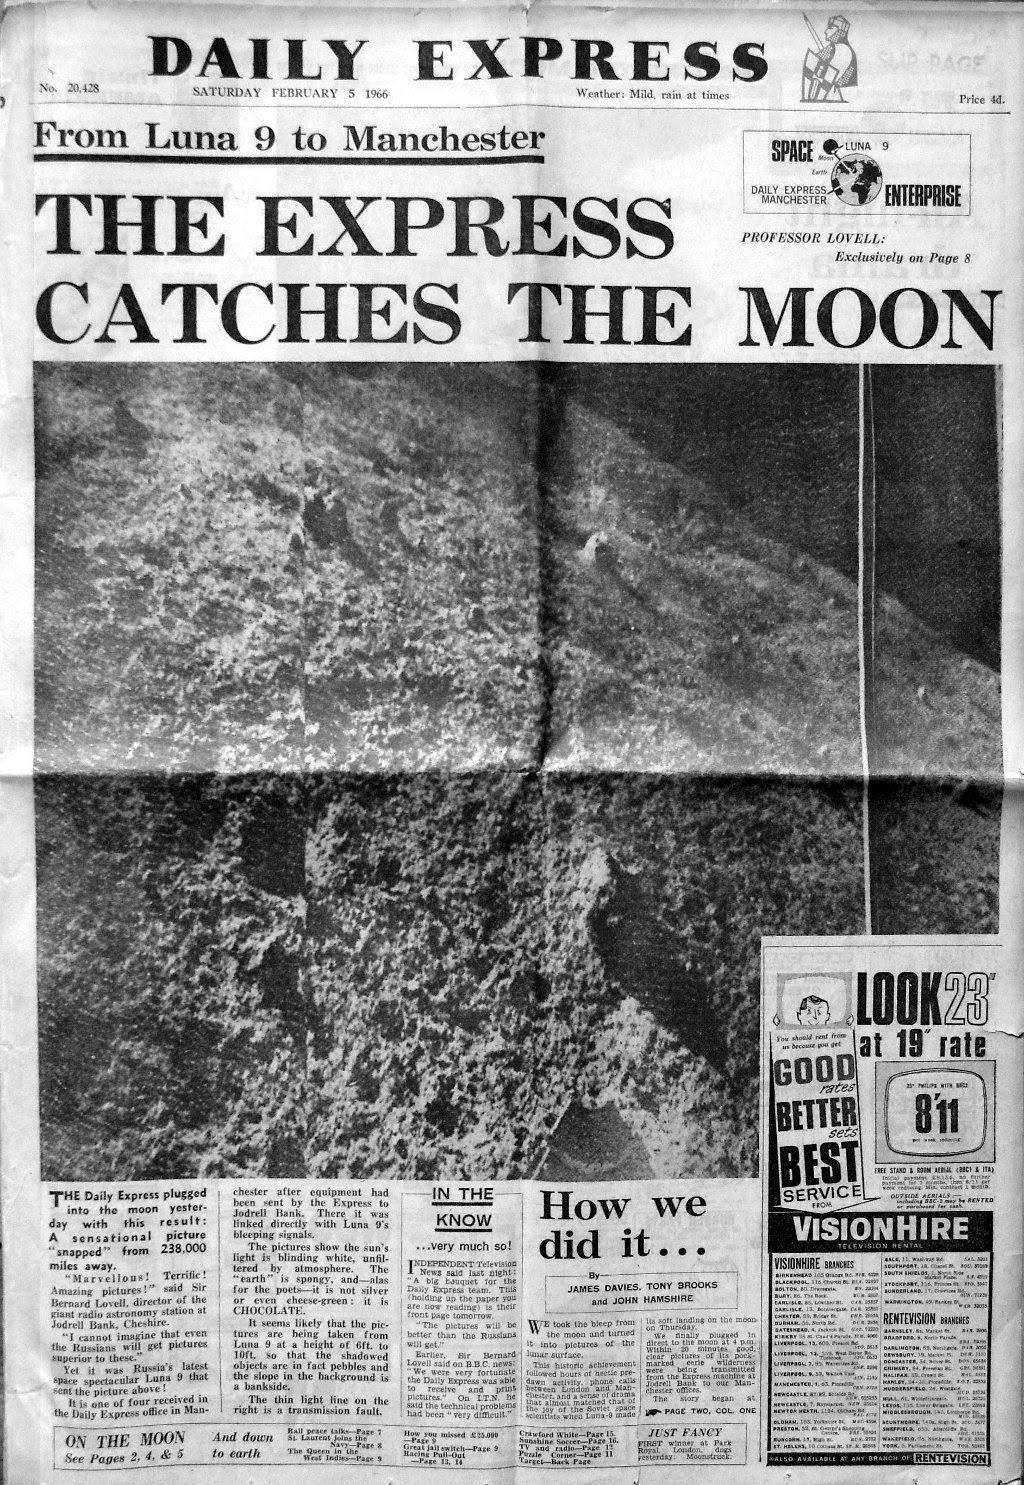 Prima pagina del Daily Express con le foto lunari scattate da Luna 9.